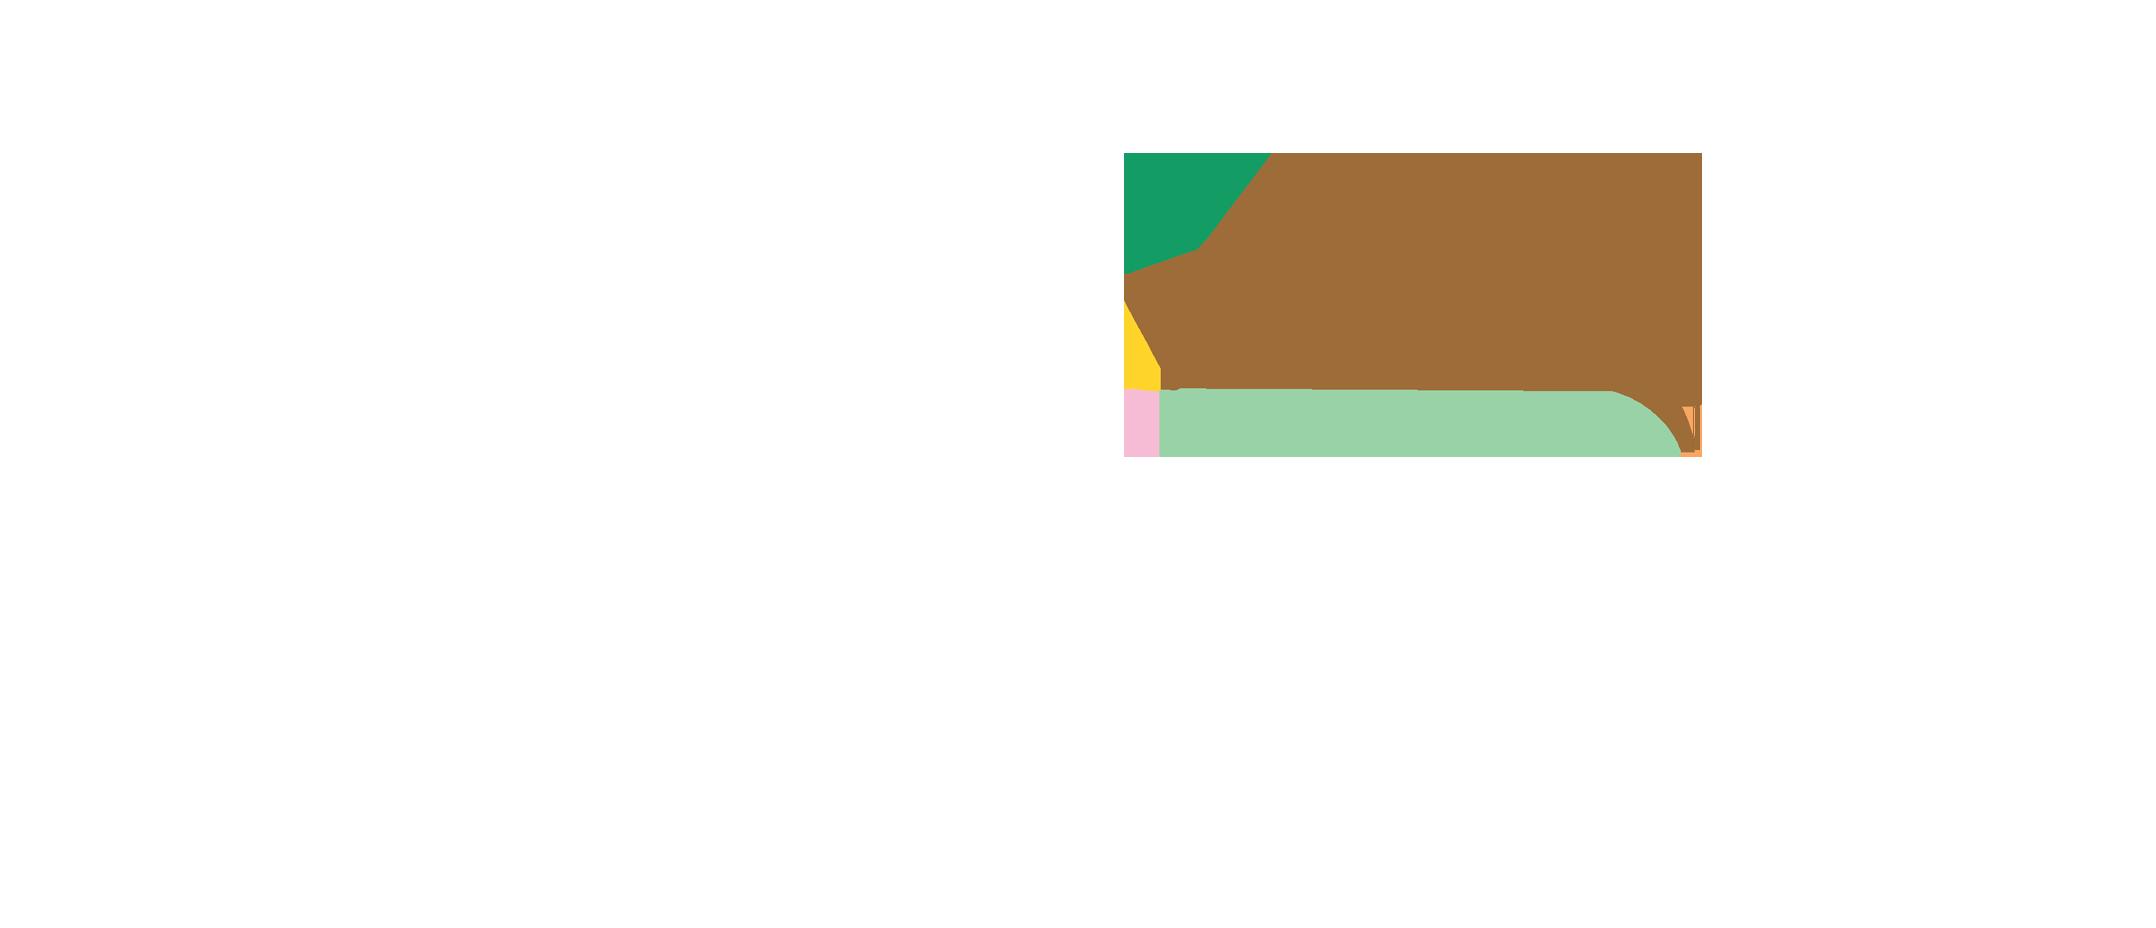 trace 11 Sidi-Ghanem